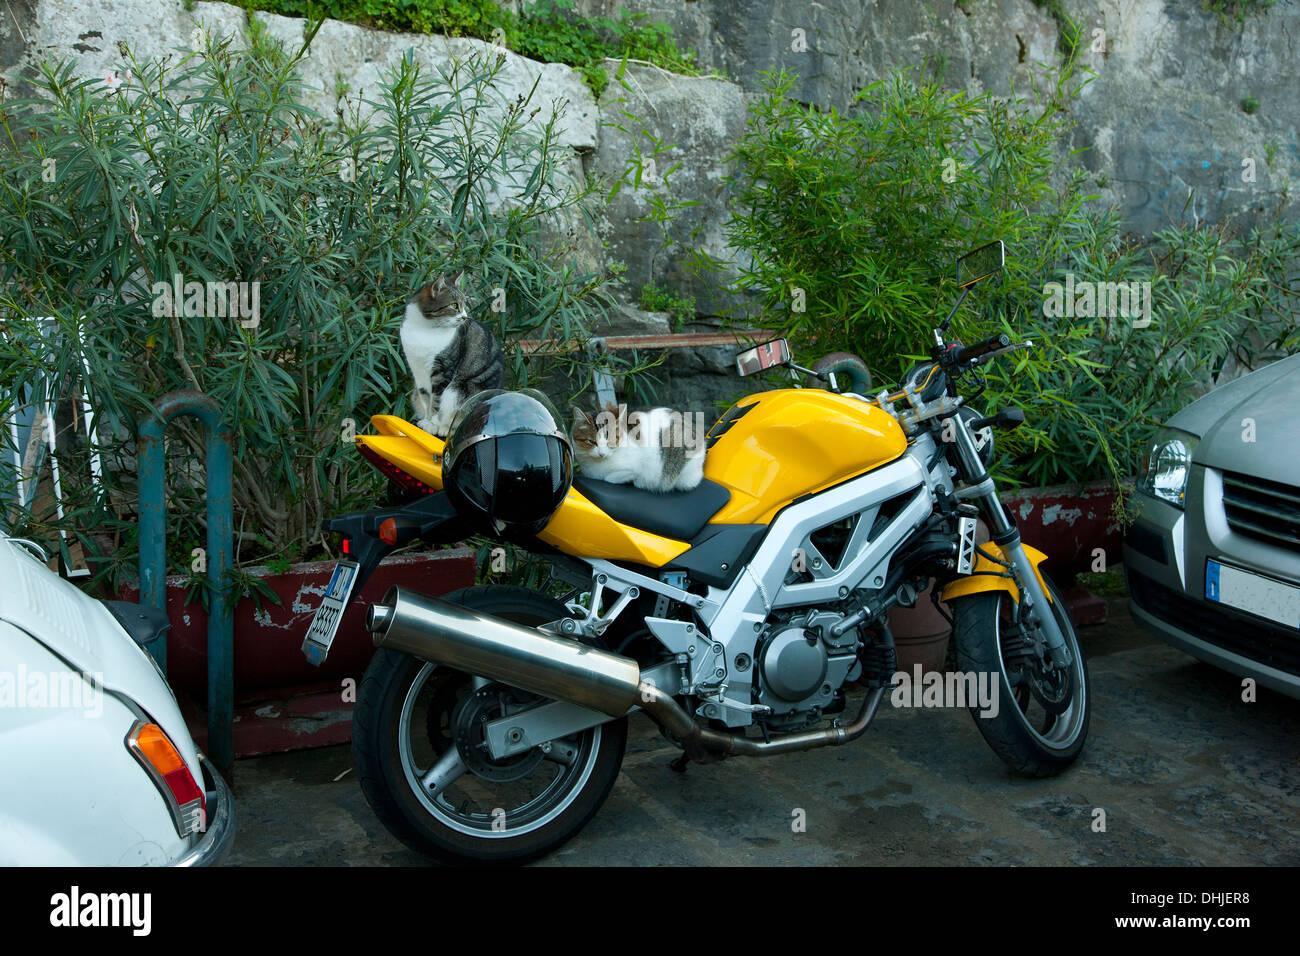 Katzen sitzen auf einem gelben Motorrad in Sorrento, Italien. Stockbild